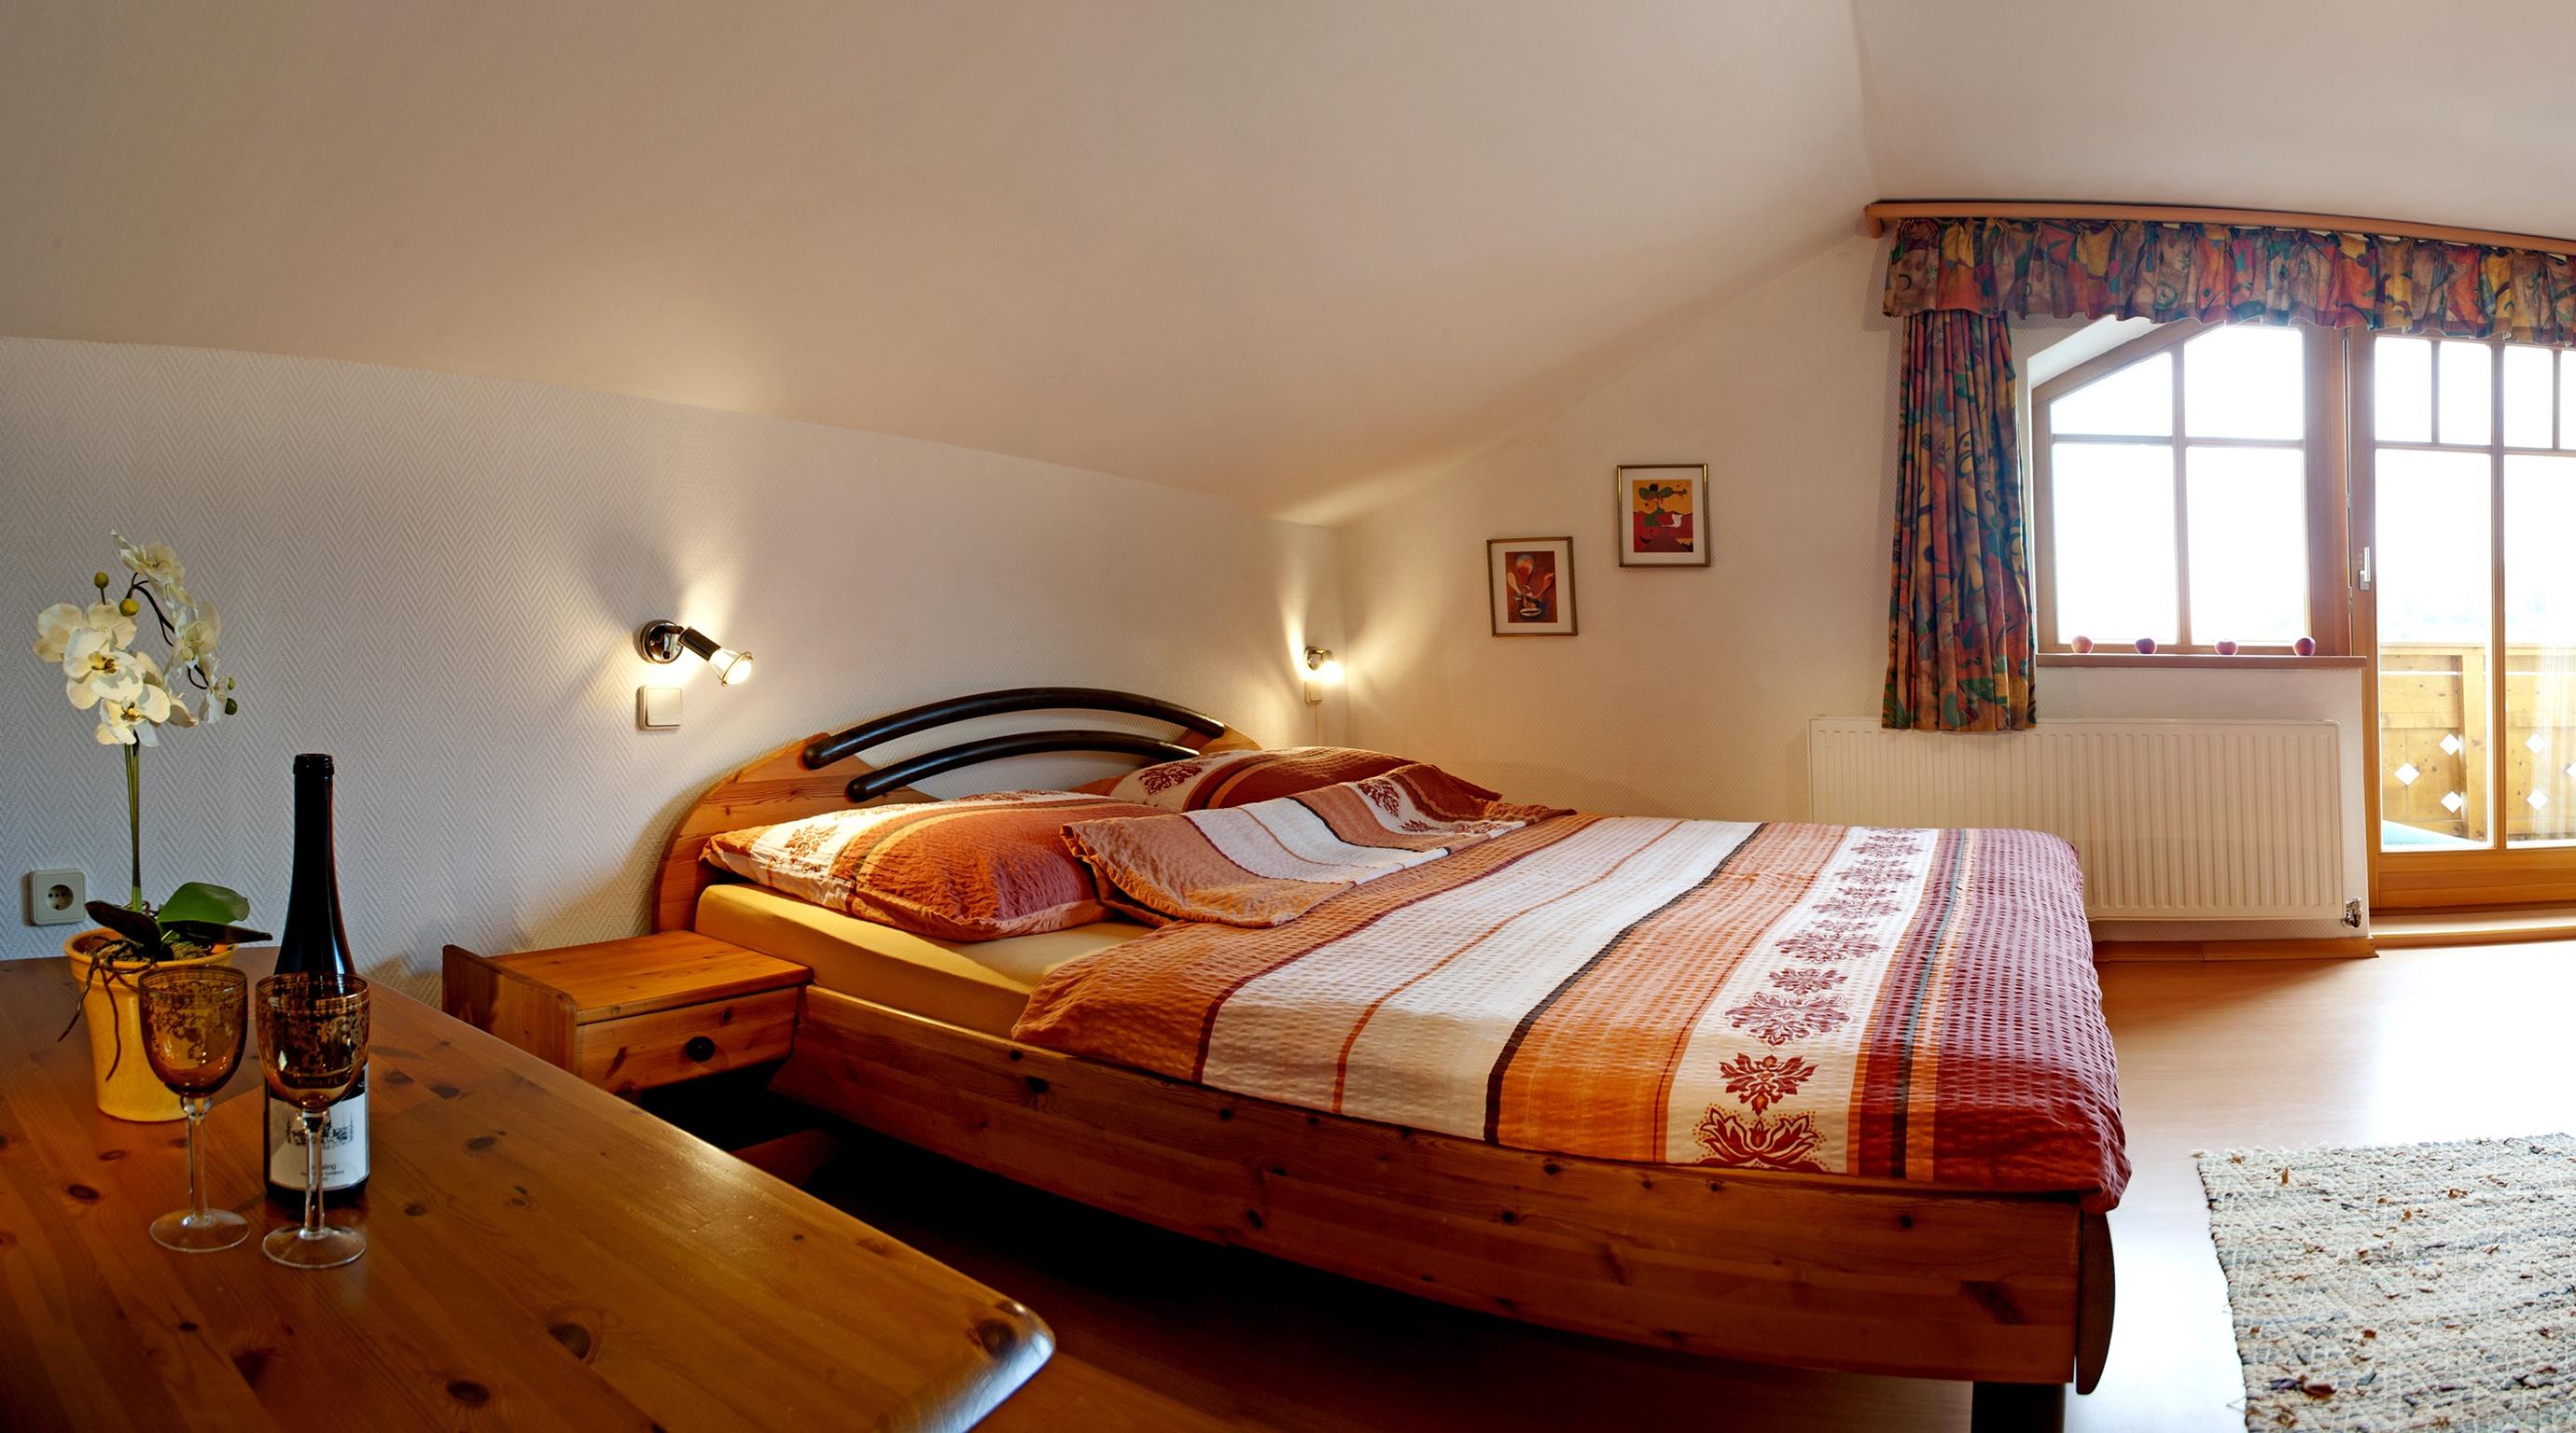 Wohn-Schlafraum Ferienwohnung für 2 - 3 Personen